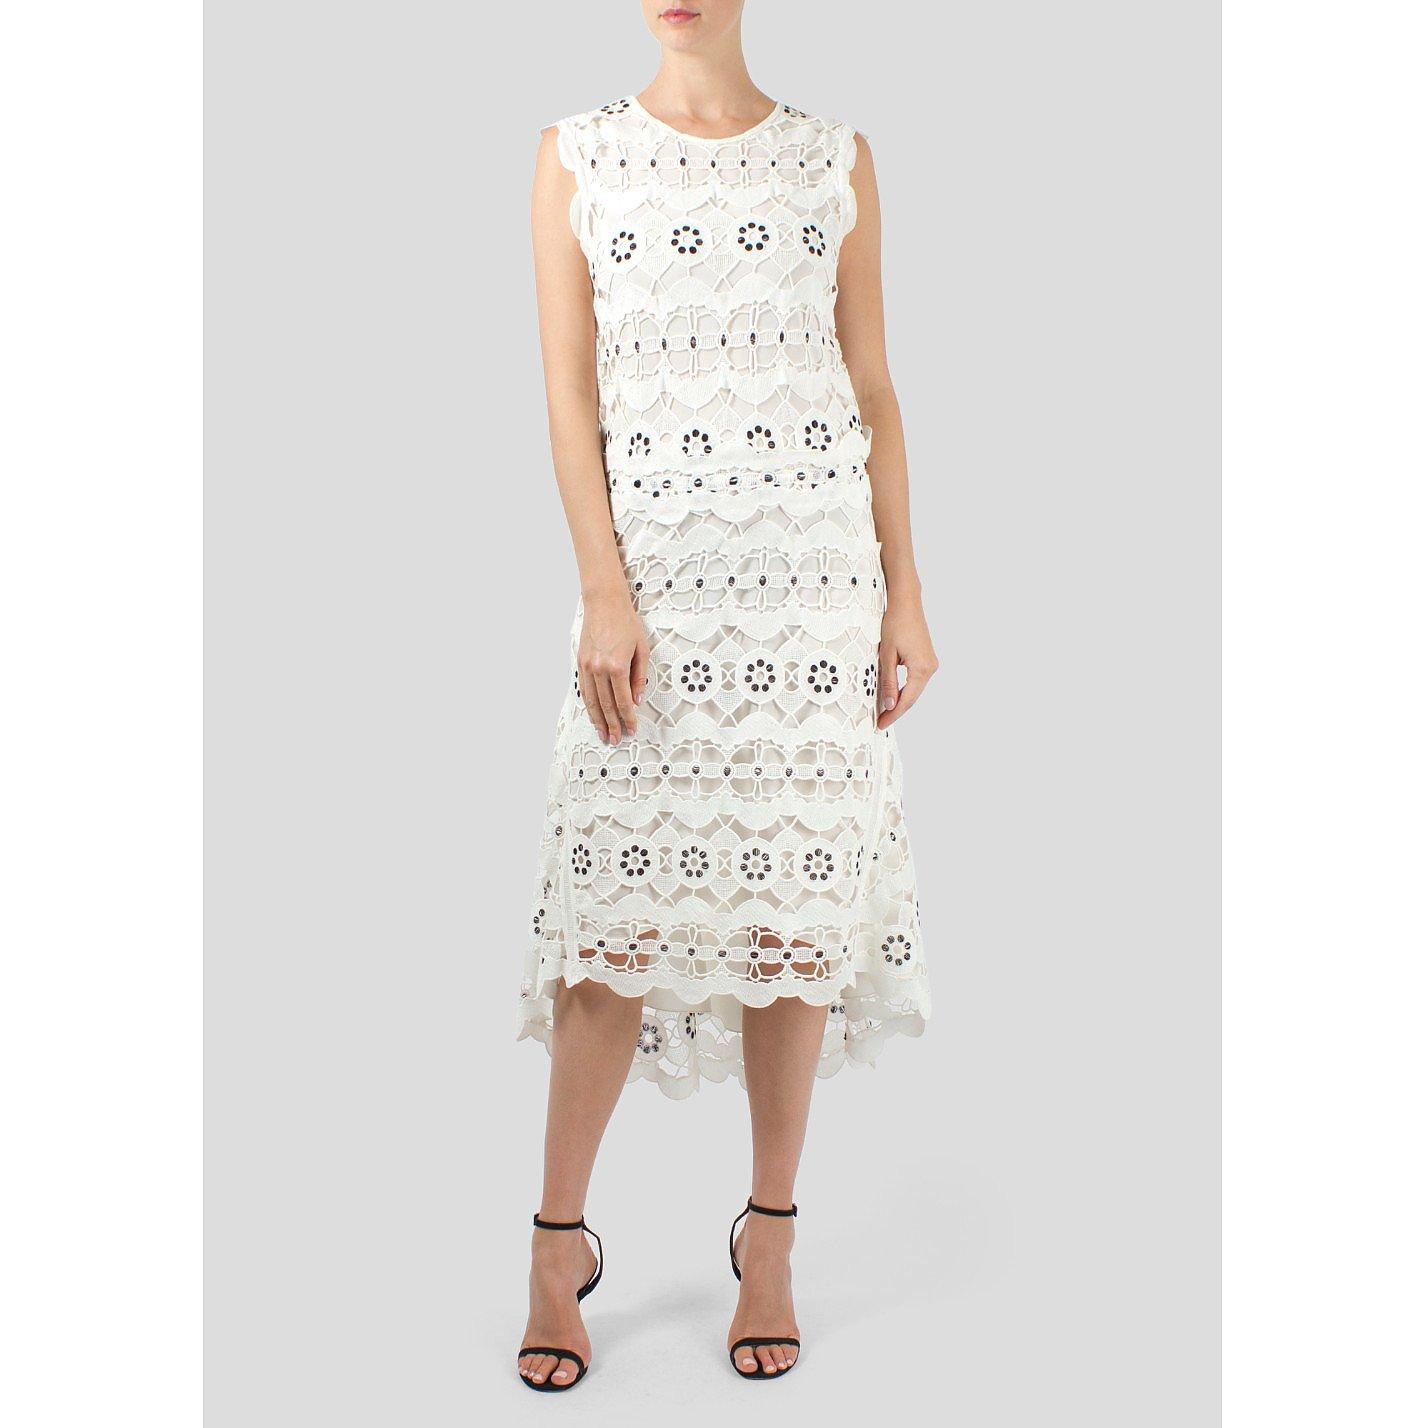 Chloé Cut Out Lace Dress